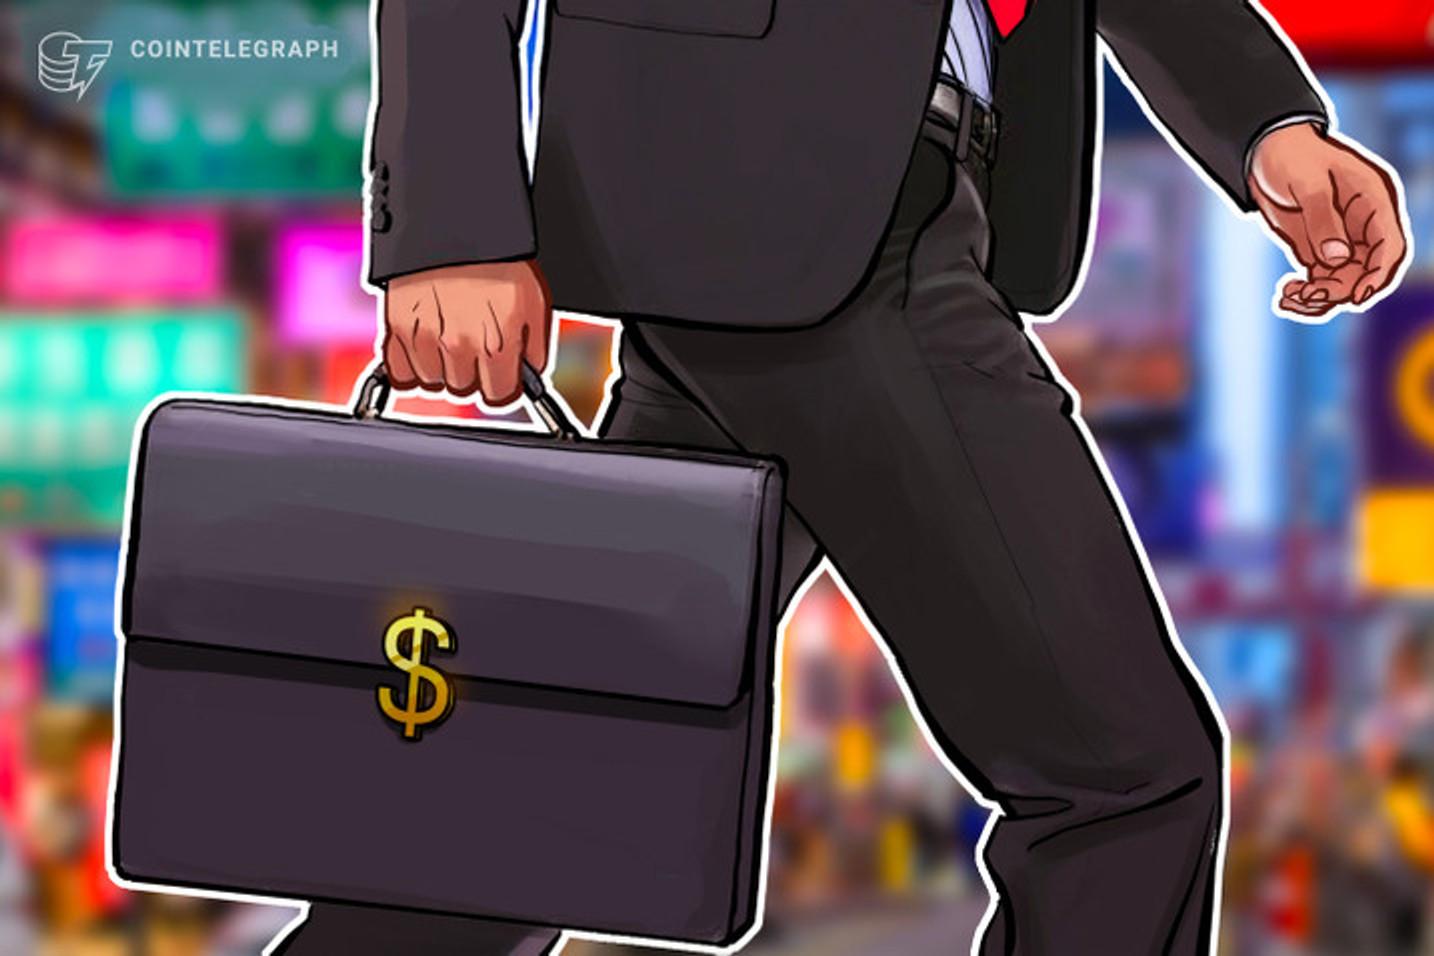 Beseif desarrollará su propio Core Bancario basado en tecnología Blockchain, con la ayuda de Neotec